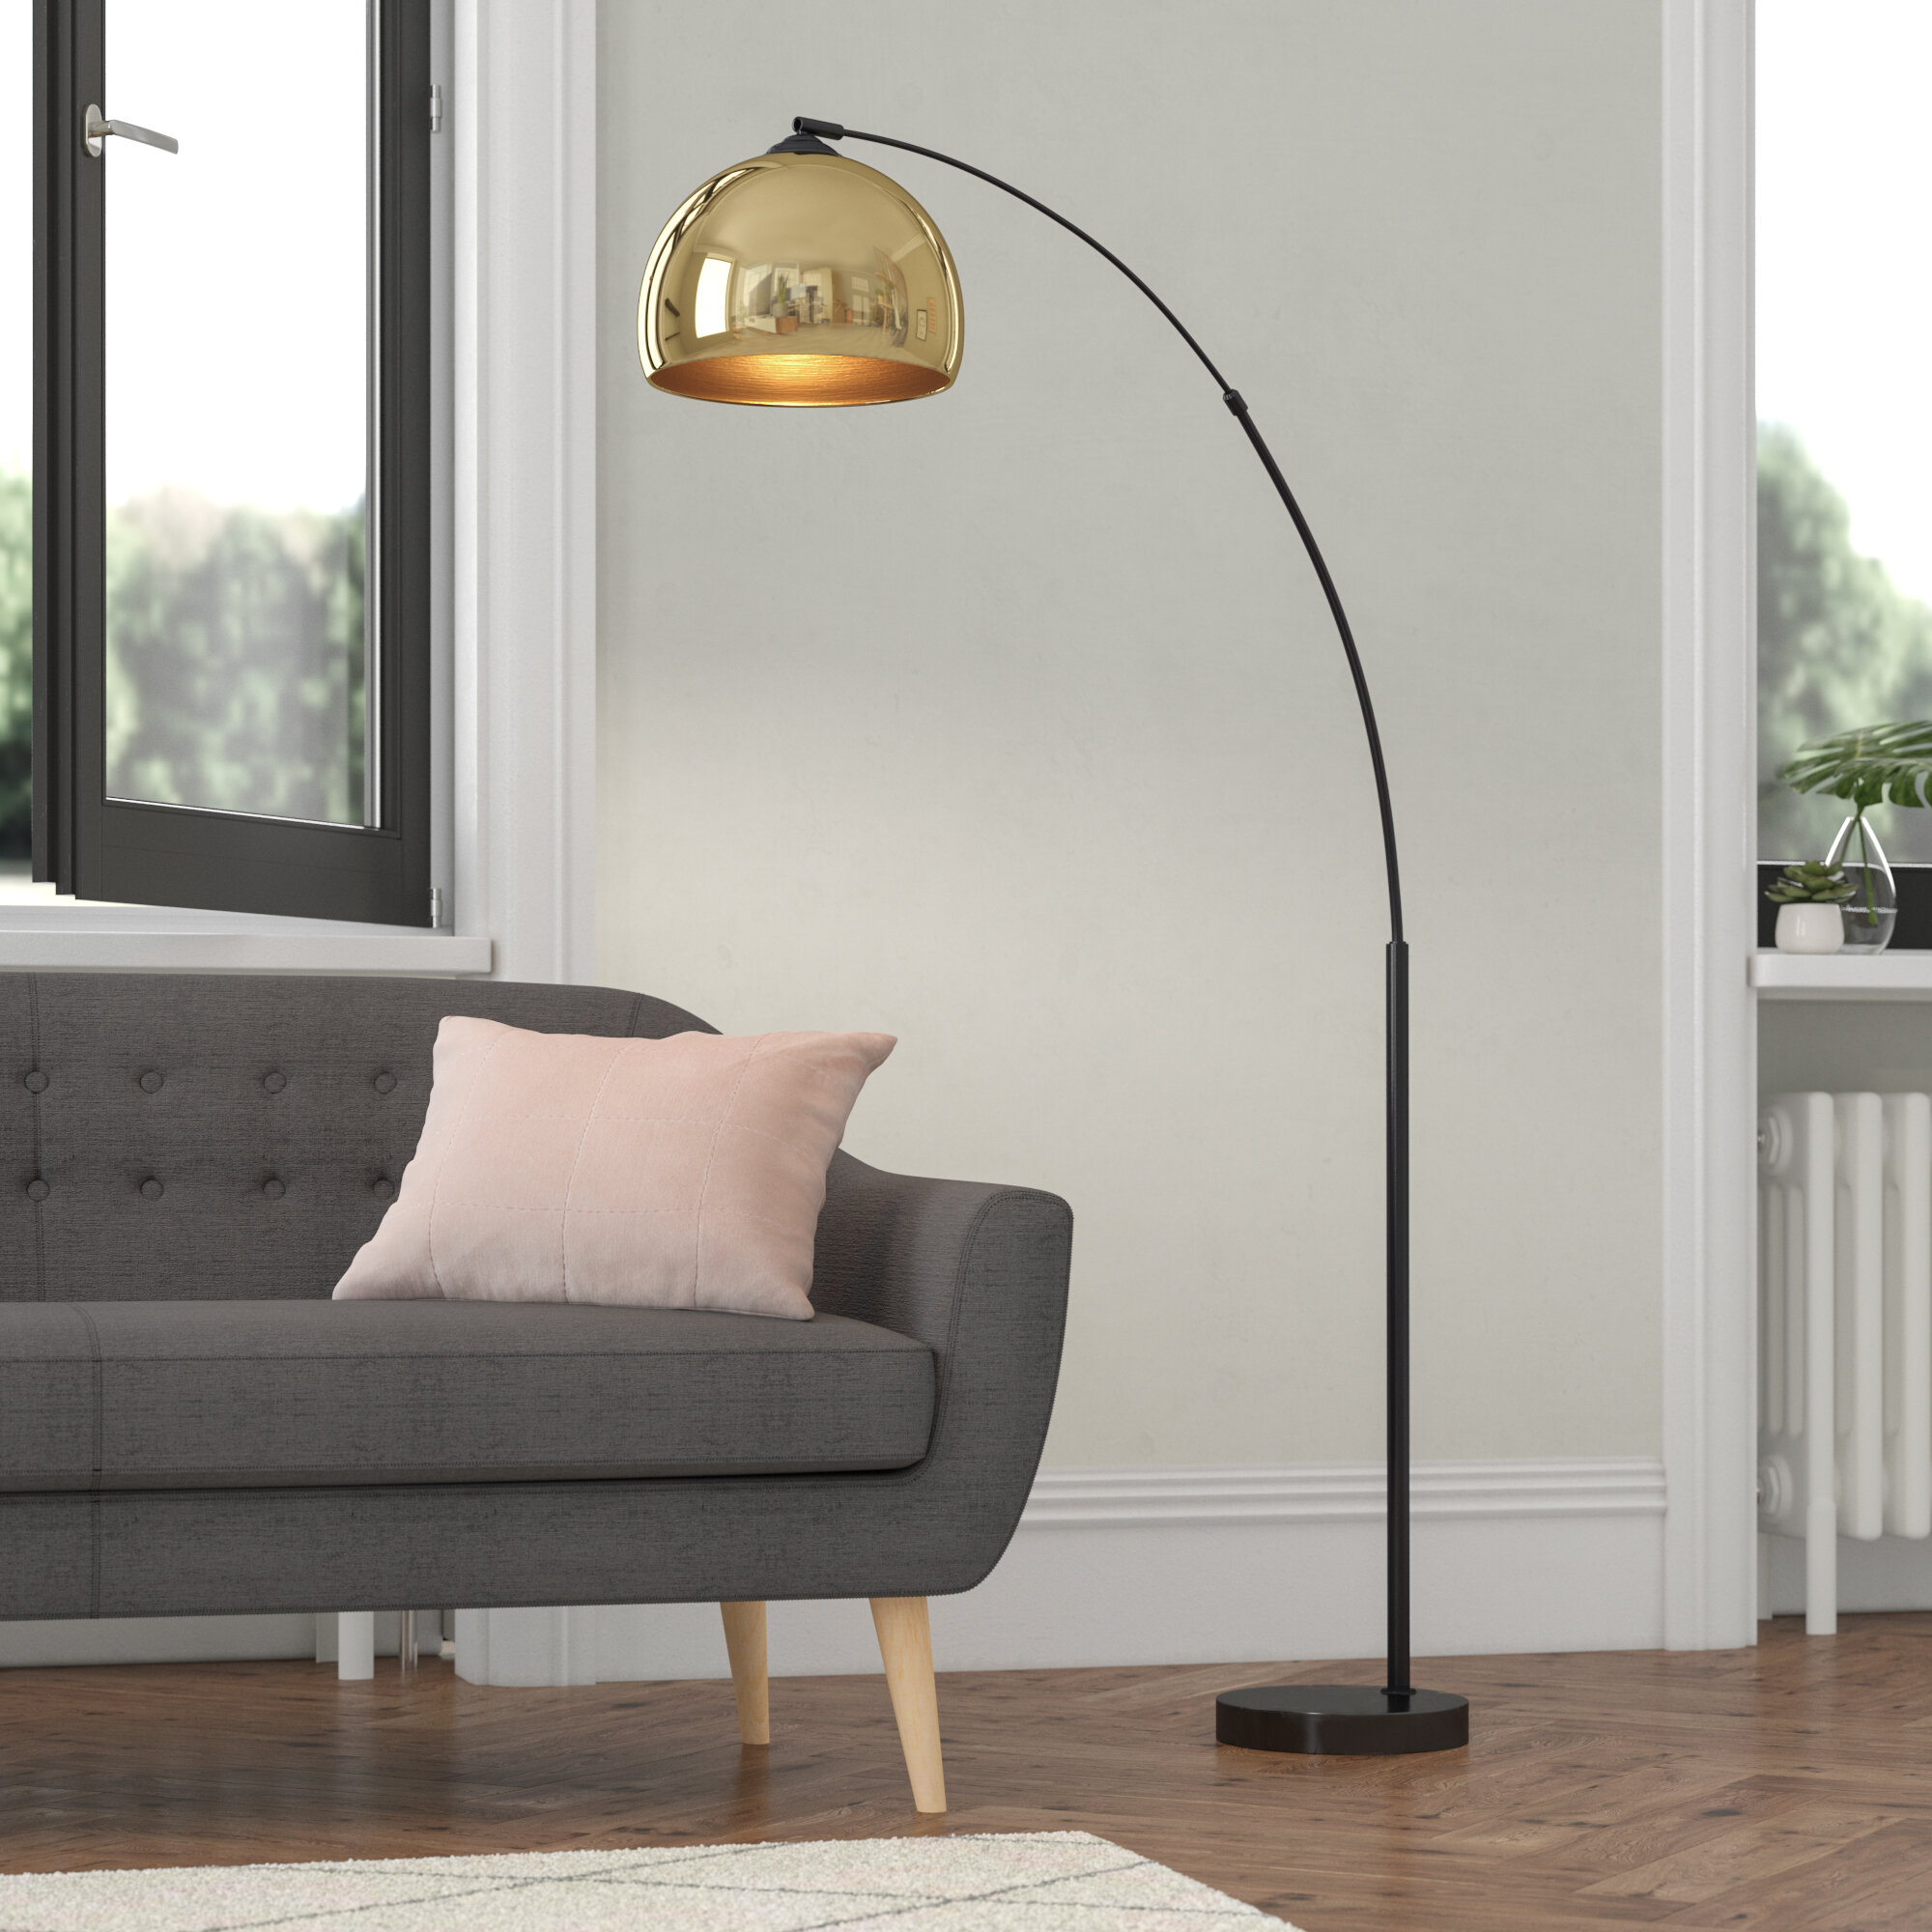 Fairmont Park Loreta 170cm Arched Floor Lamp Reviews Wayfair Co Uk